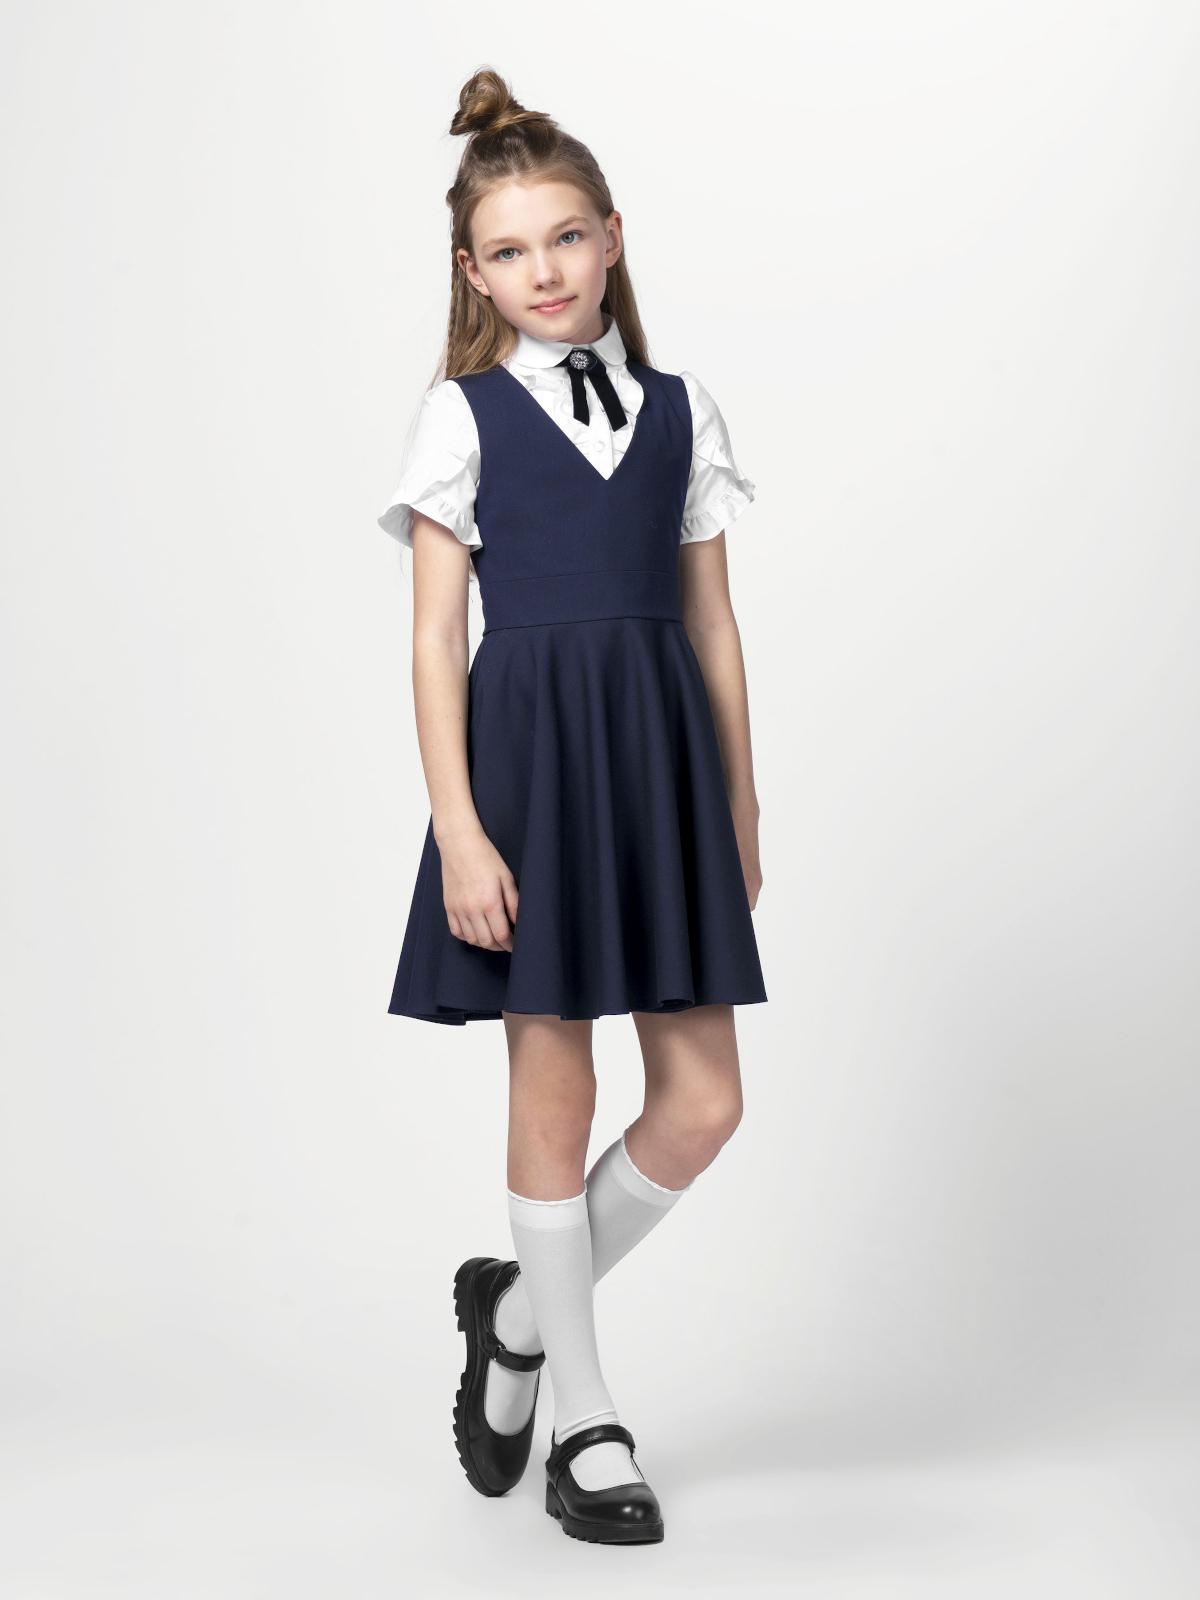 Купить 10652_plus size, Сарафан для девочек СМЕНА цв.темно-синий 10652 р.122/64, Смена, Сарафаны для девочек